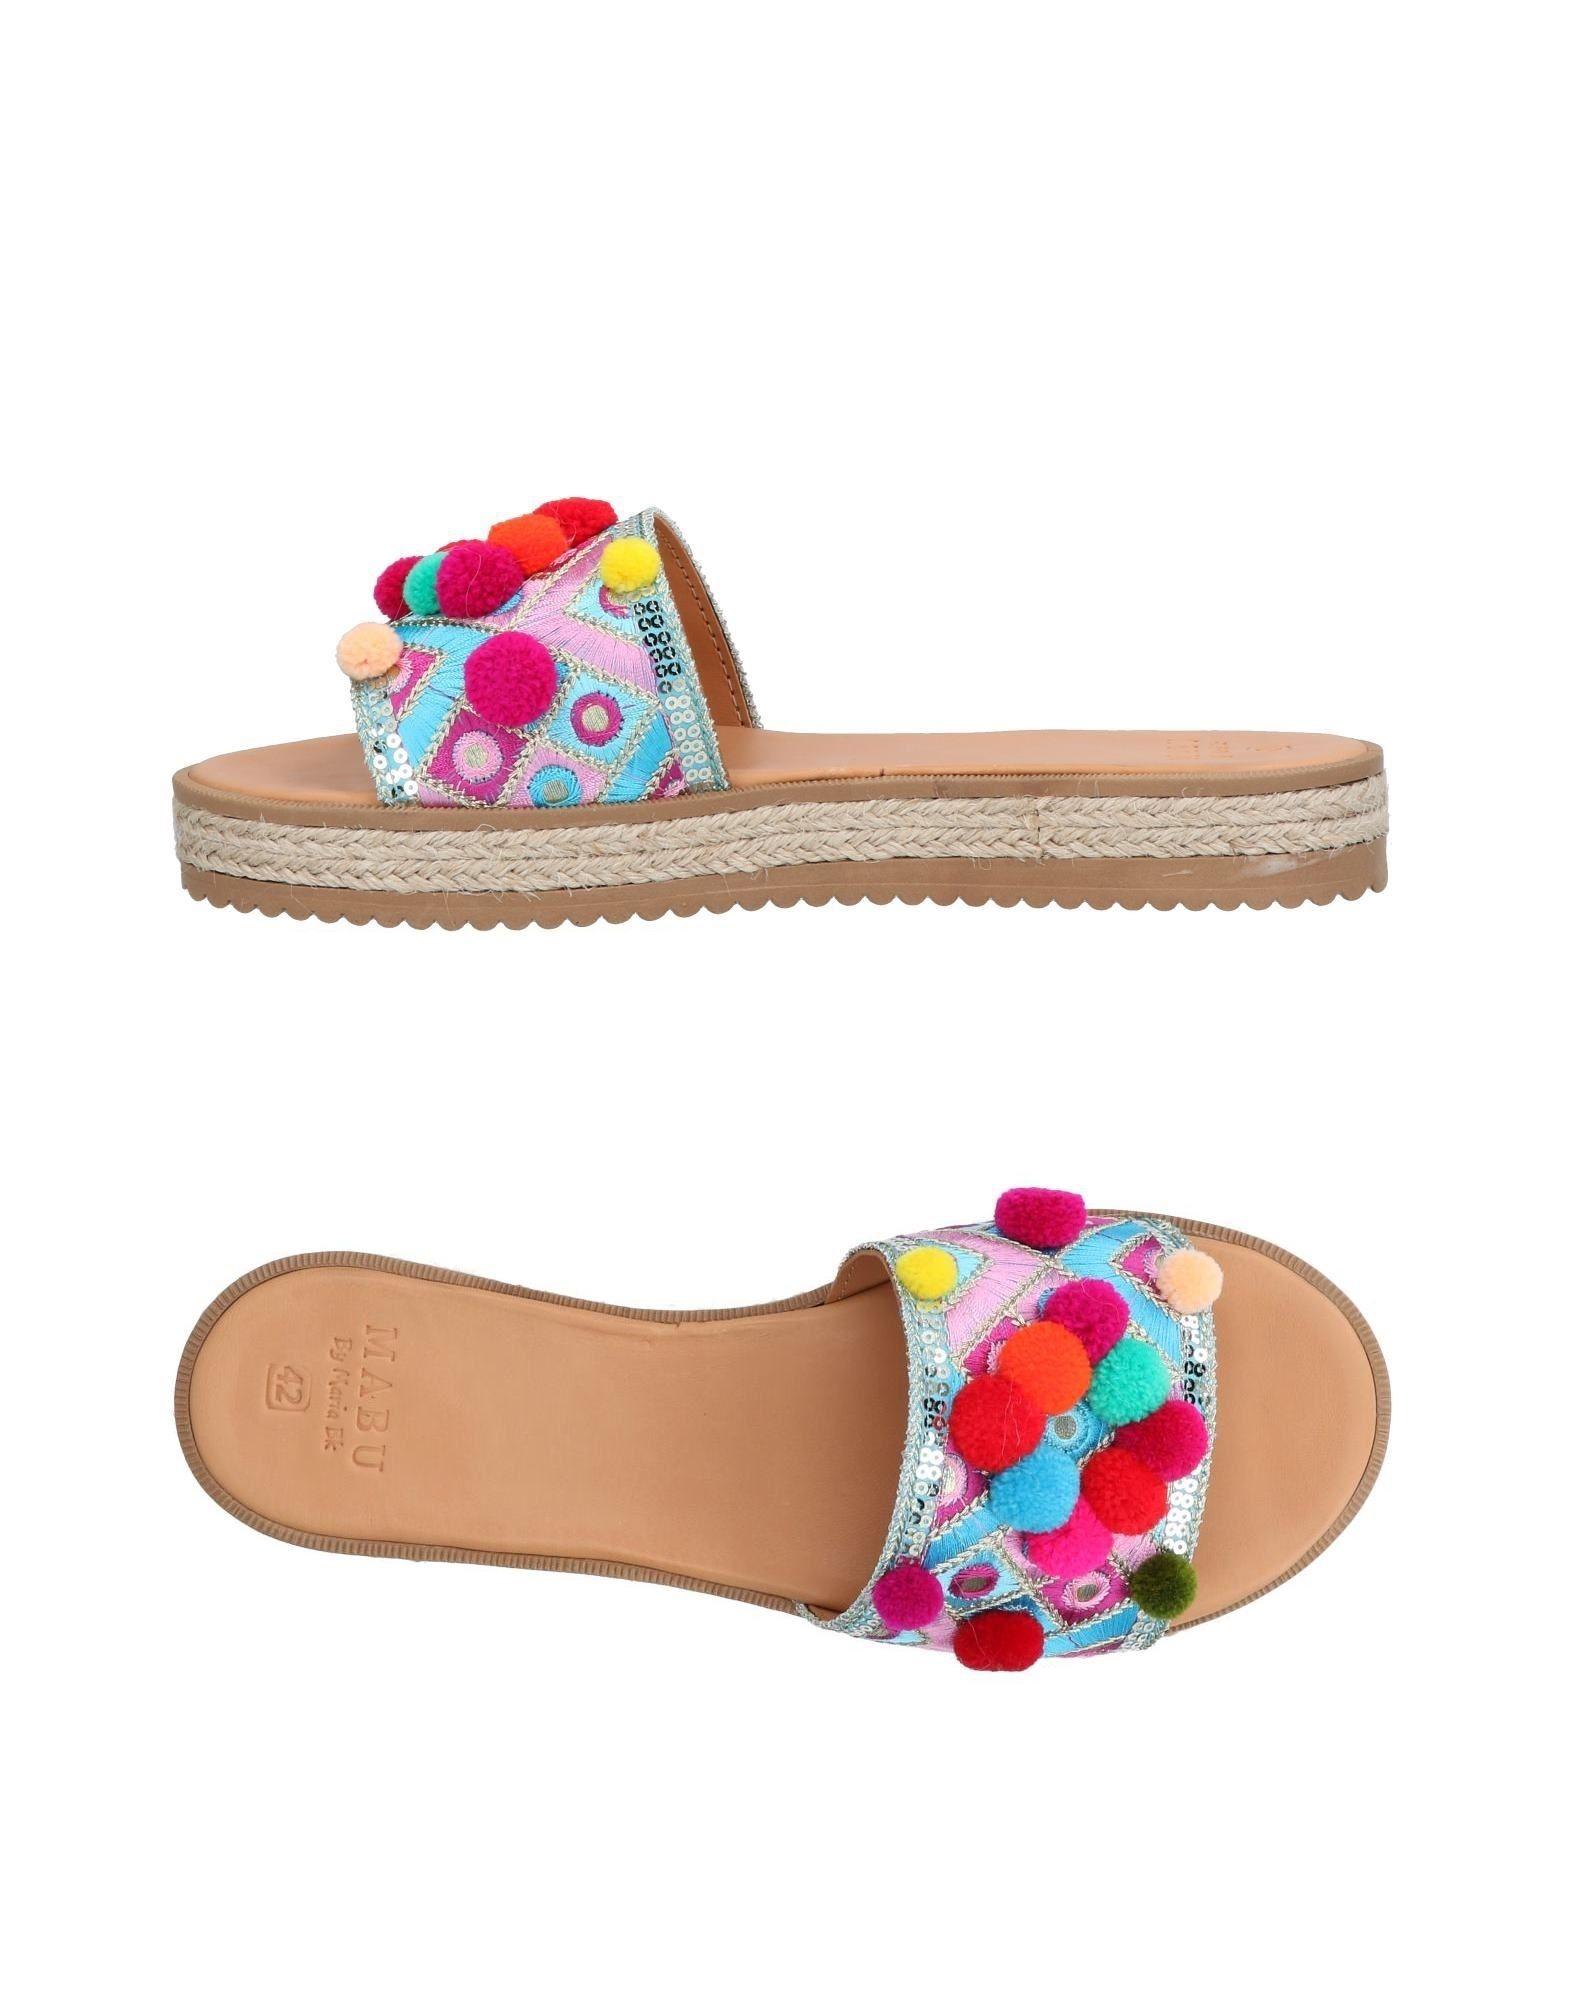 MABU BY MARIA BK Sandals in Azure